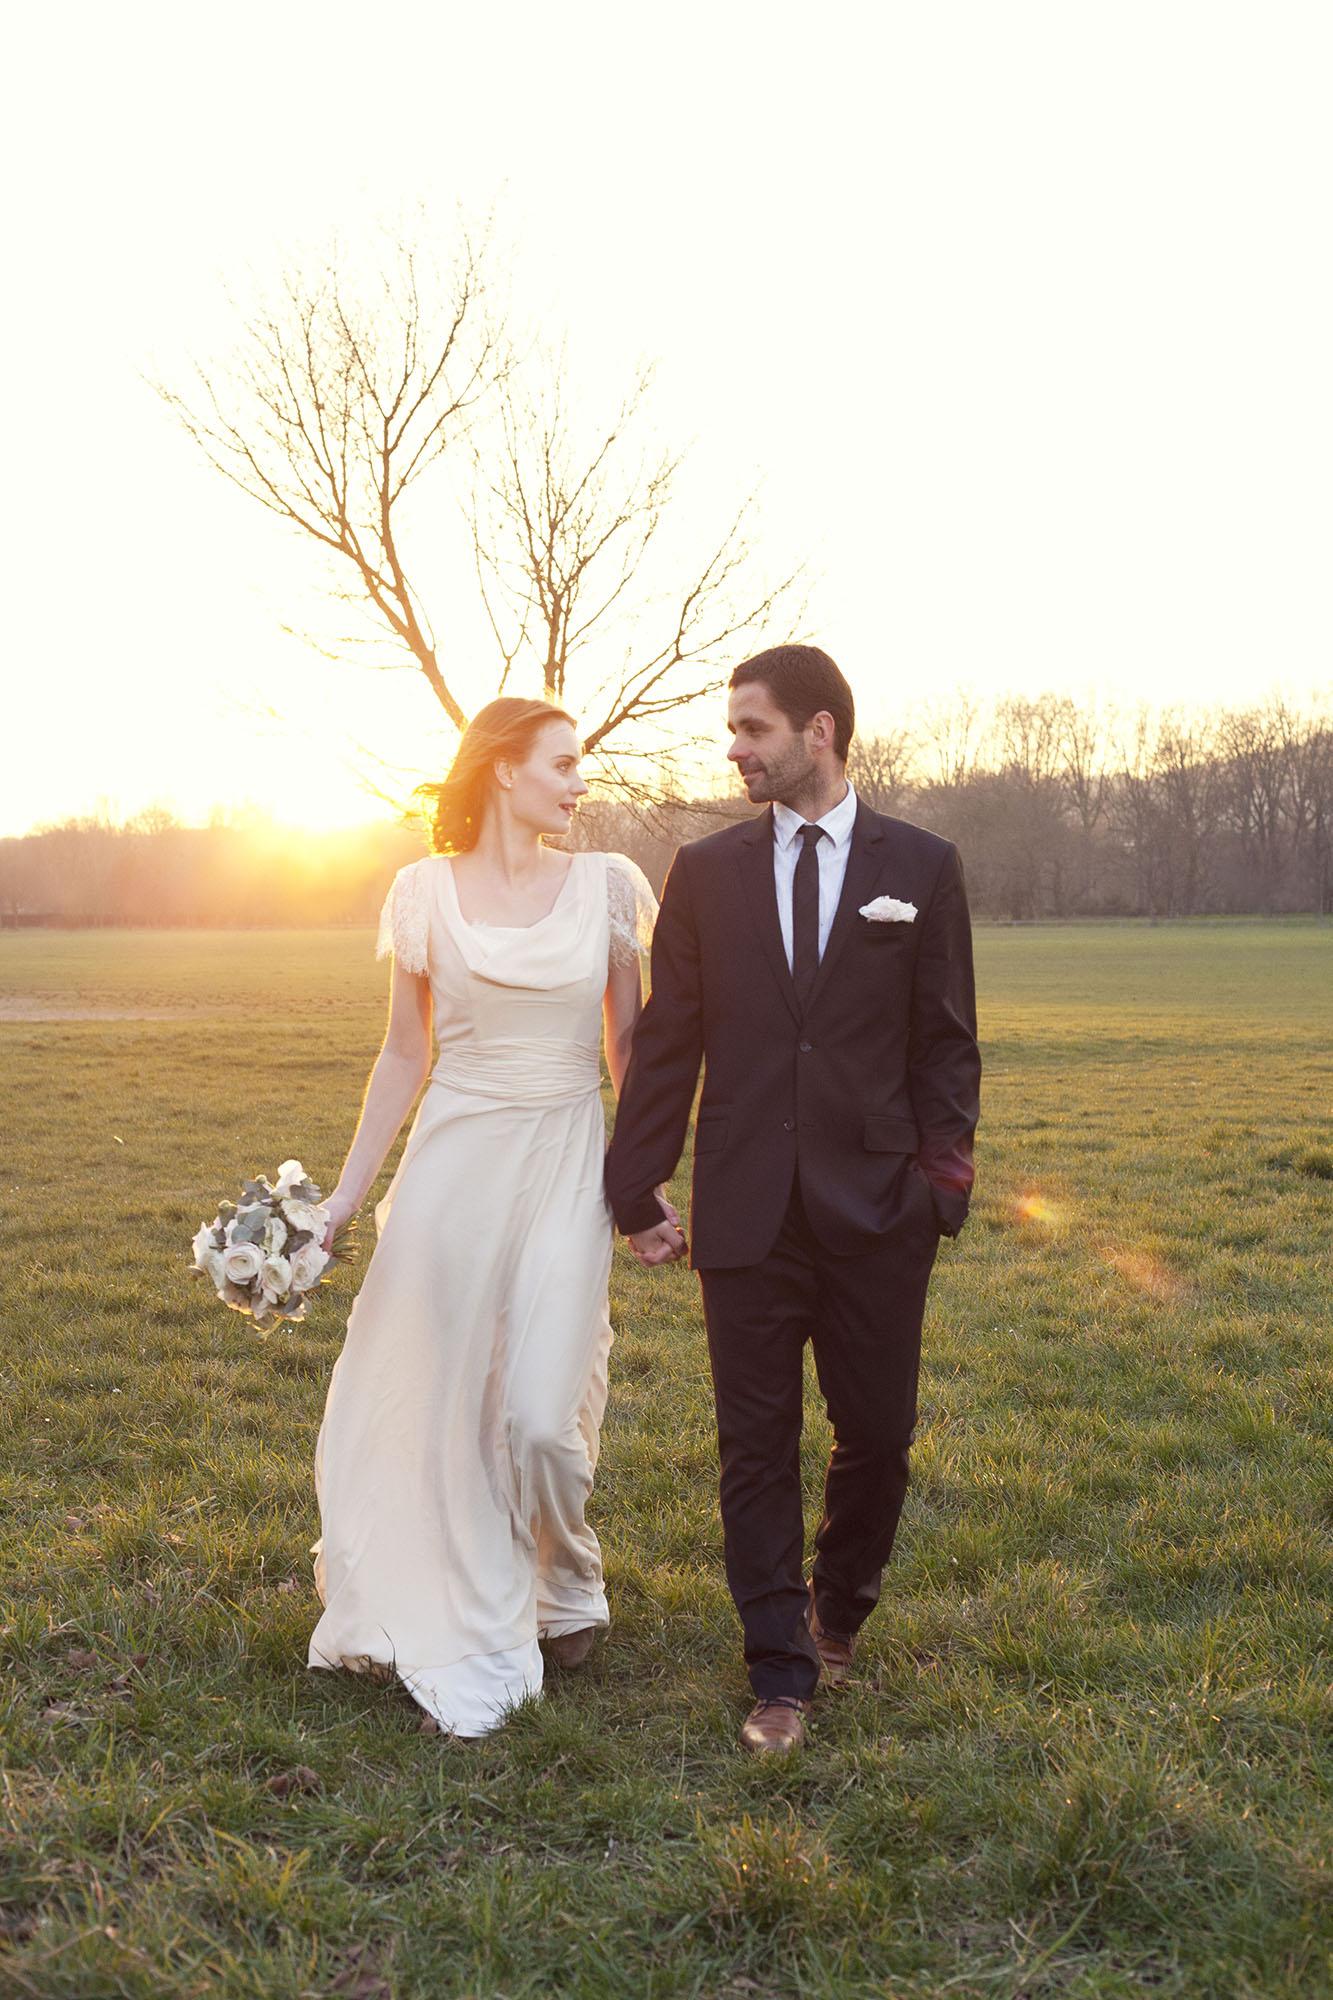 photo-wedding-marriage-next door stories